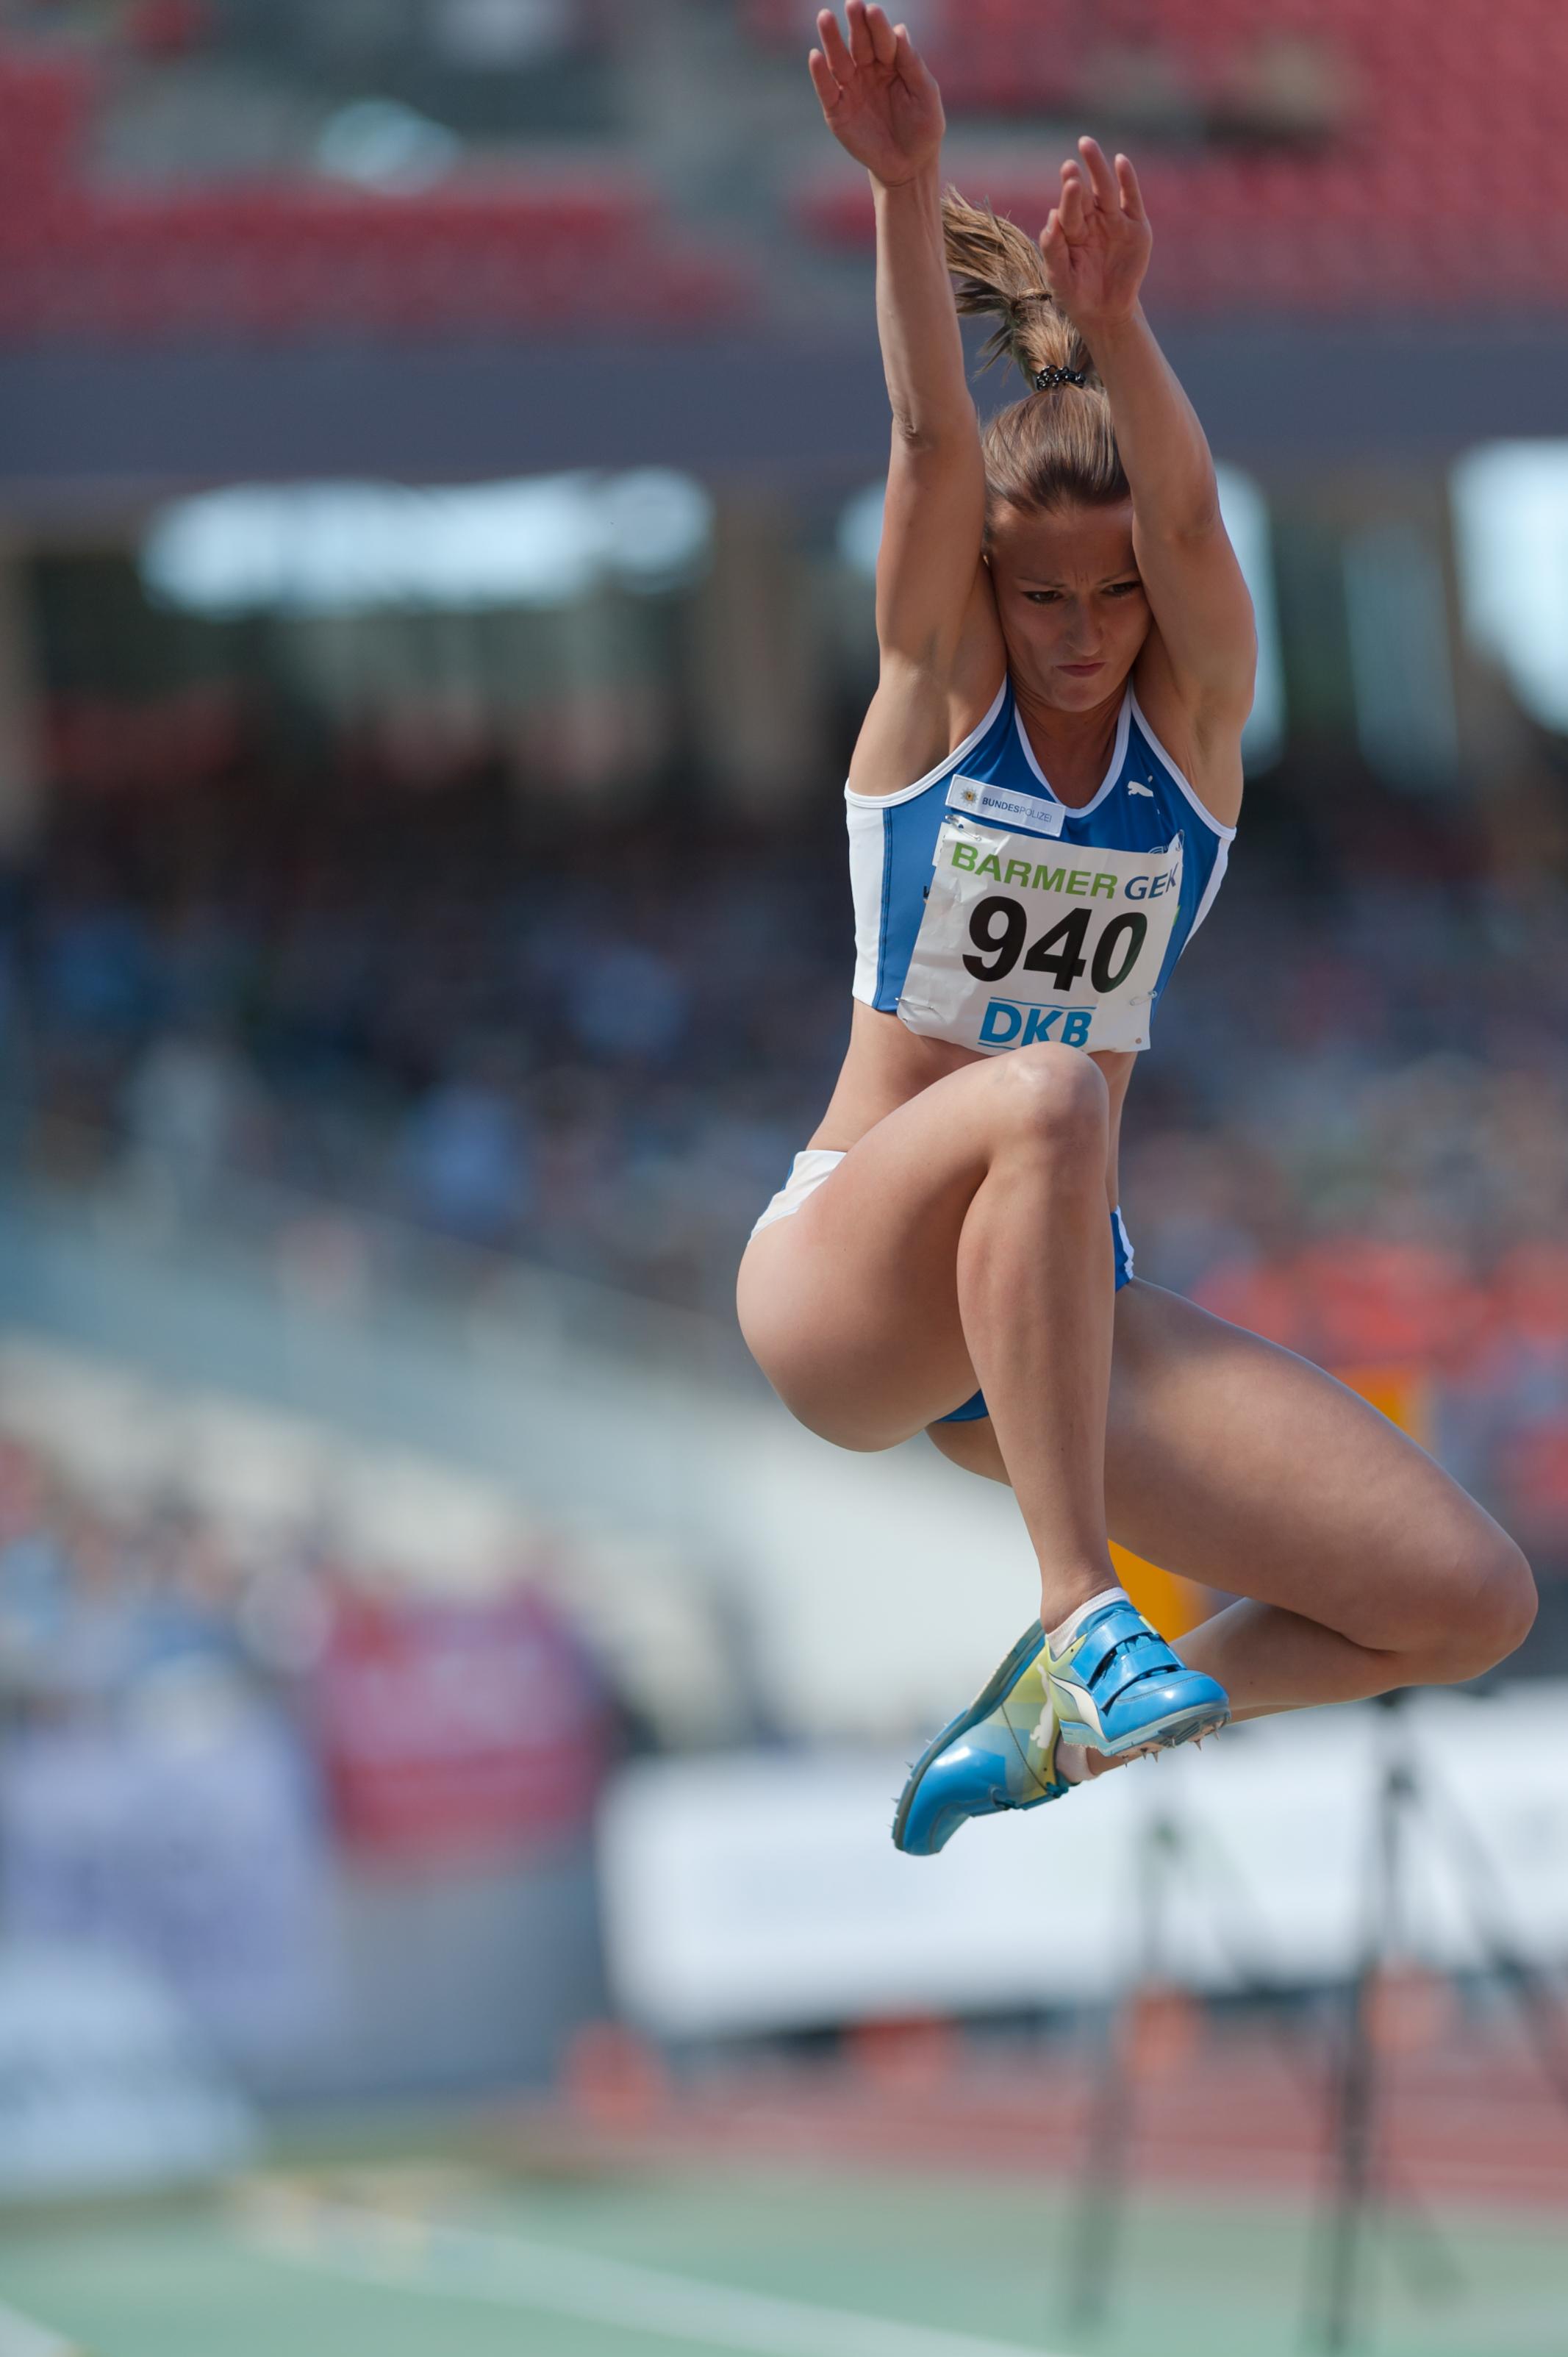 Datei:20150726 1545 DM Leichtathletik Frauen Dreisprung